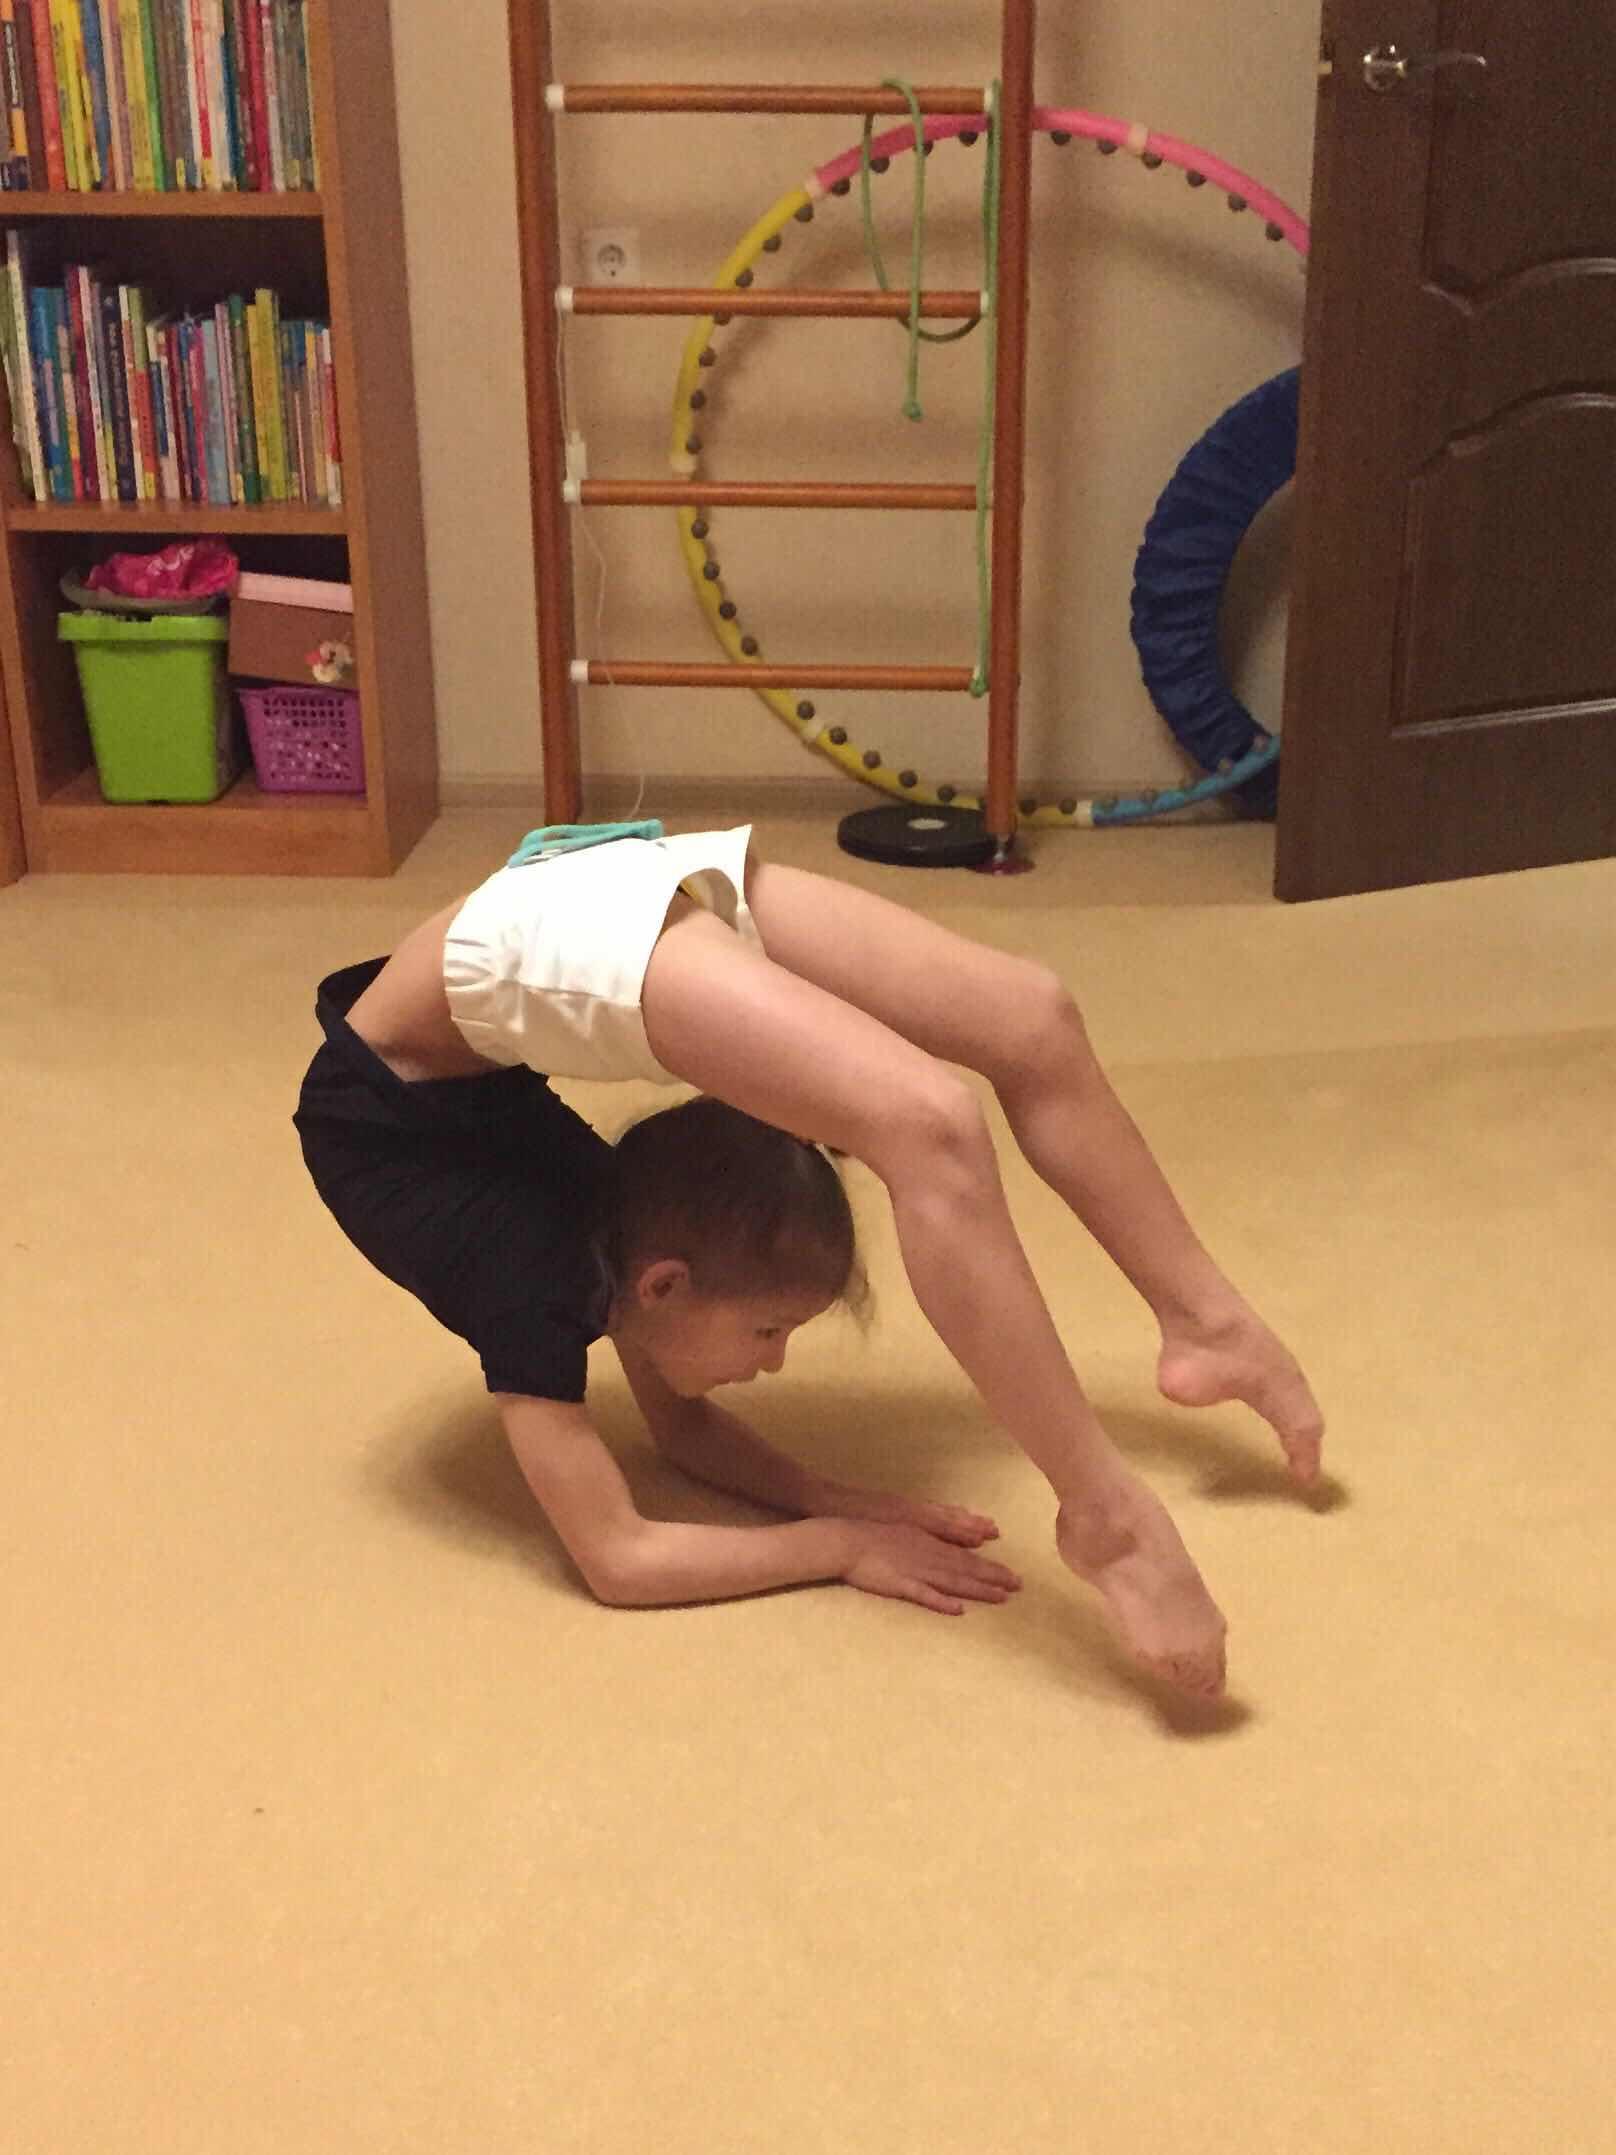 Фото гимнастка в растяжке за компьютером конечно